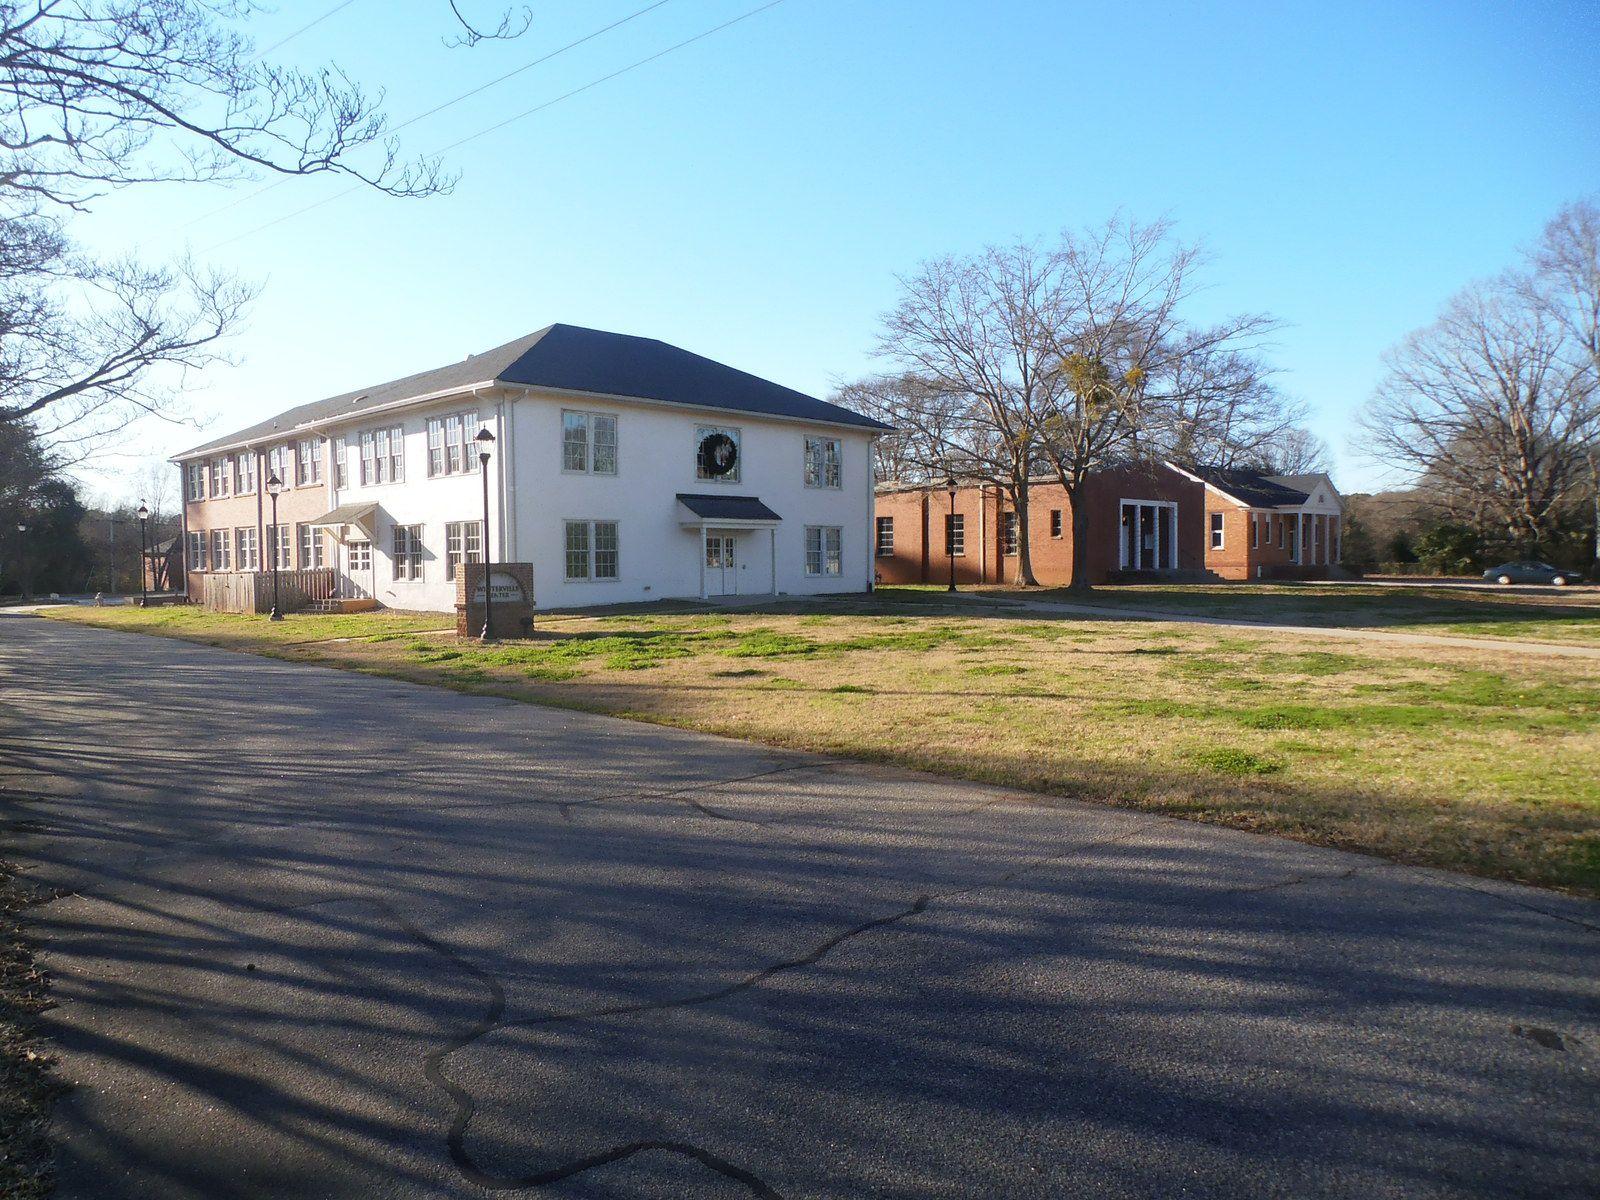 Le bâtiment à gauche est l'ancien lycée de Winterville. Fermé pendant des décennies, il vient d'être rénové et sert de centre social. Le bâtiment de droite est l'ancien auditorium et est en cours de rénovation.